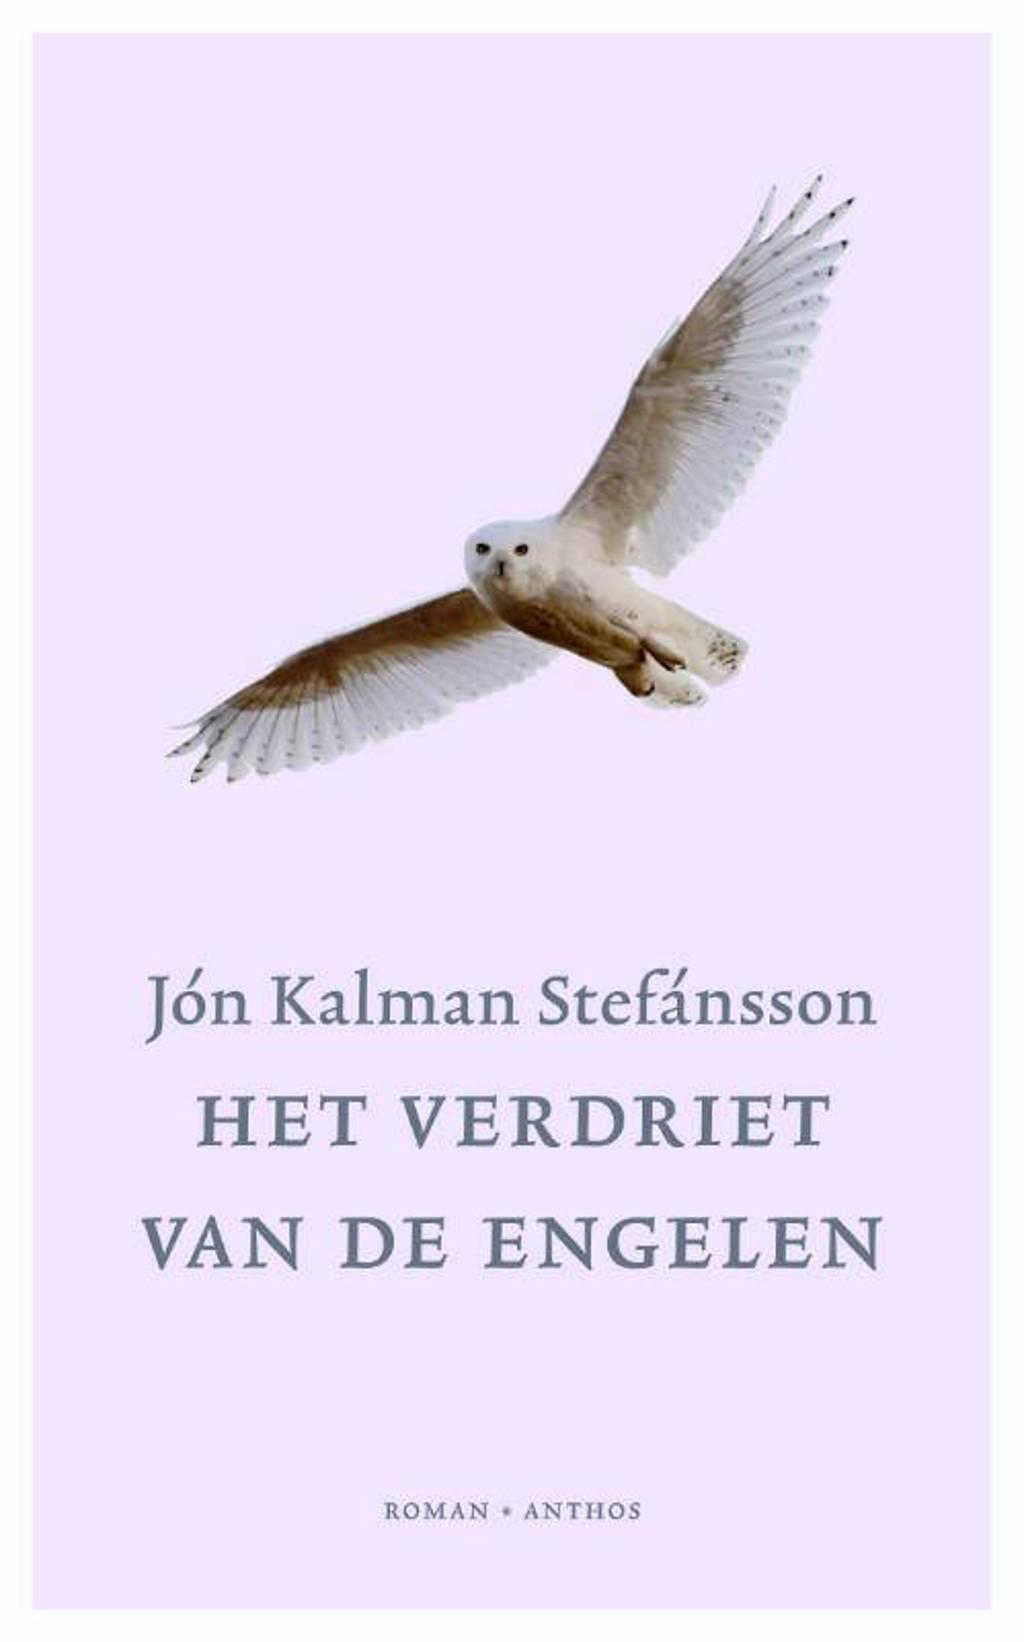 Het verdriet van de engelen - Jon Kalman Stefansson